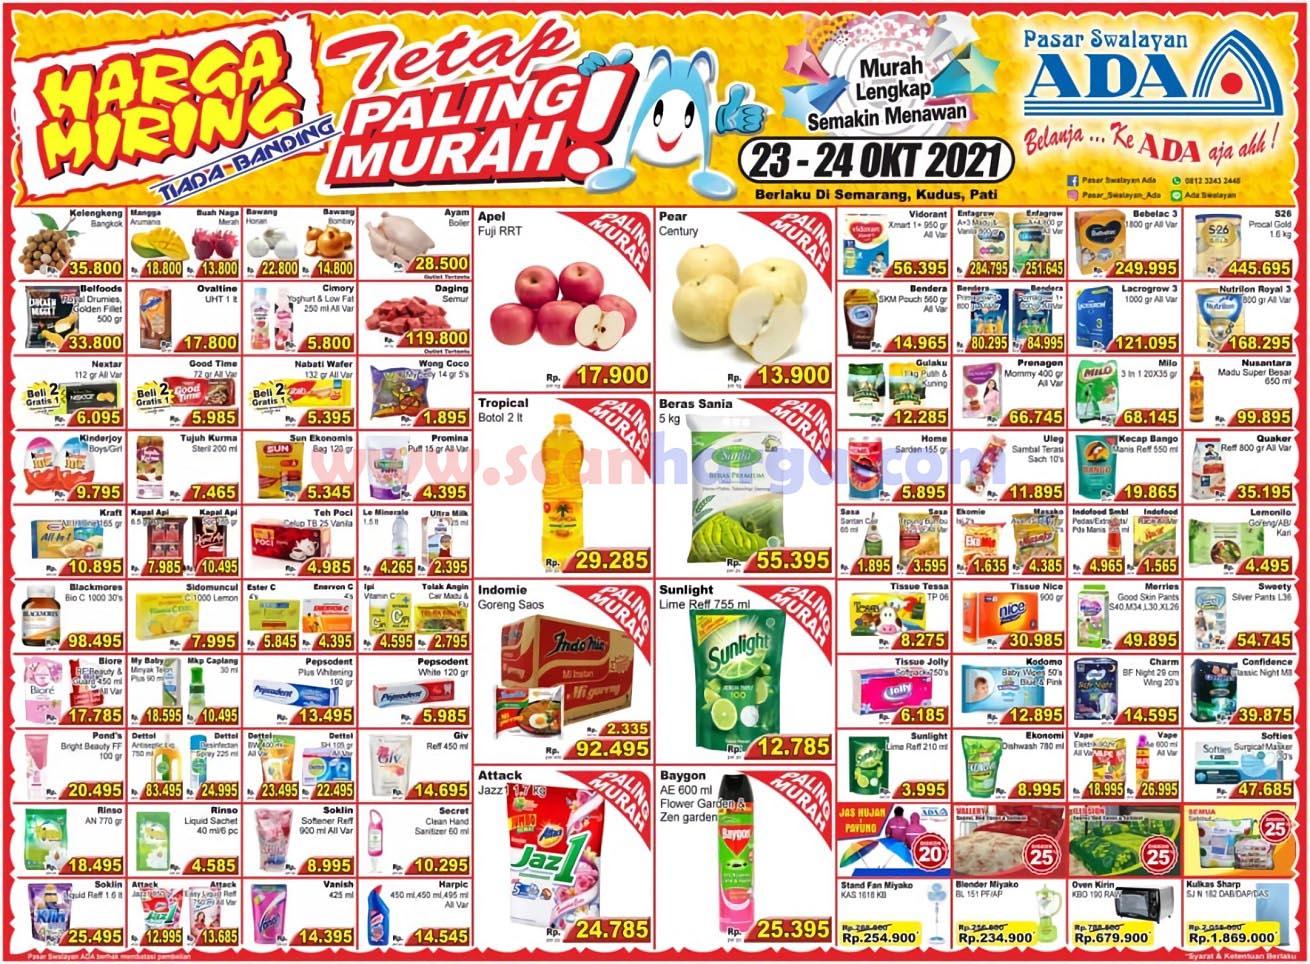 Katalog Promo ADA Swalayan Terbaru 23 - 24 Oktober 2021